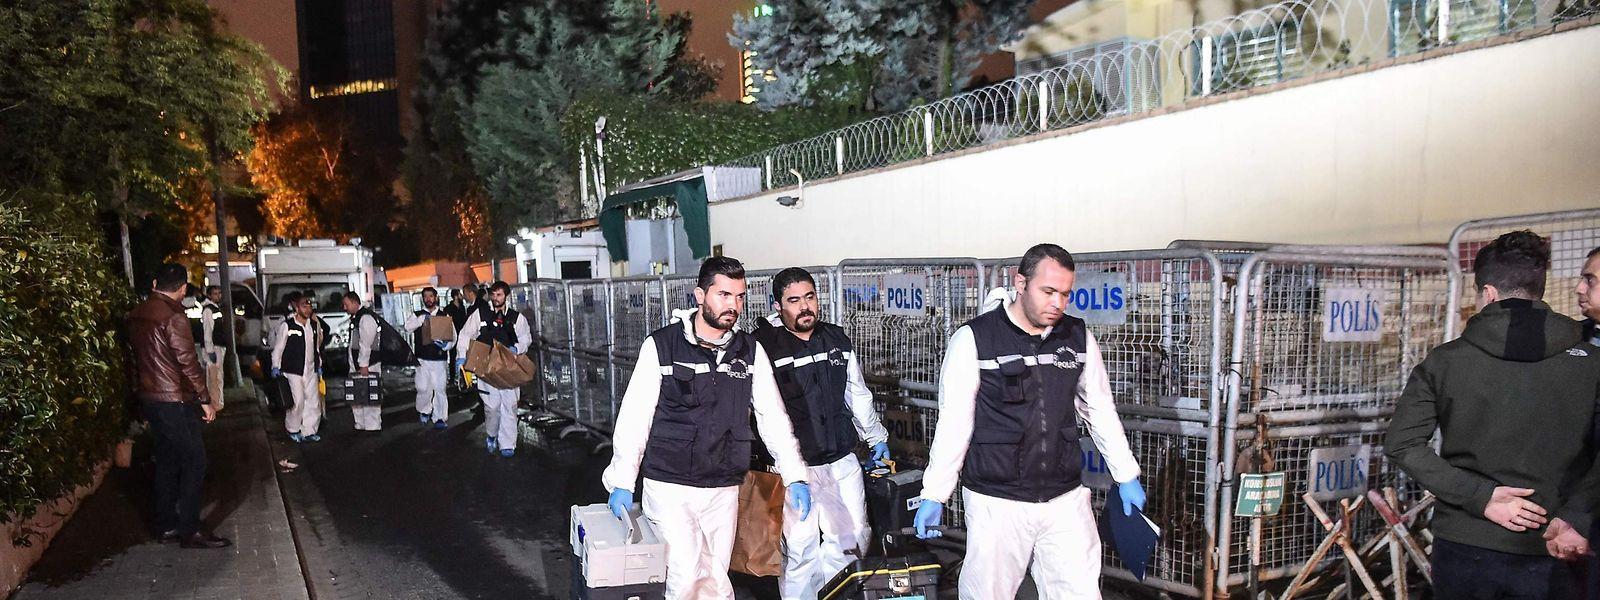 Türkische Forensiker beim Durchsuchen des saudiarabischen Konsulats in Istanbul.